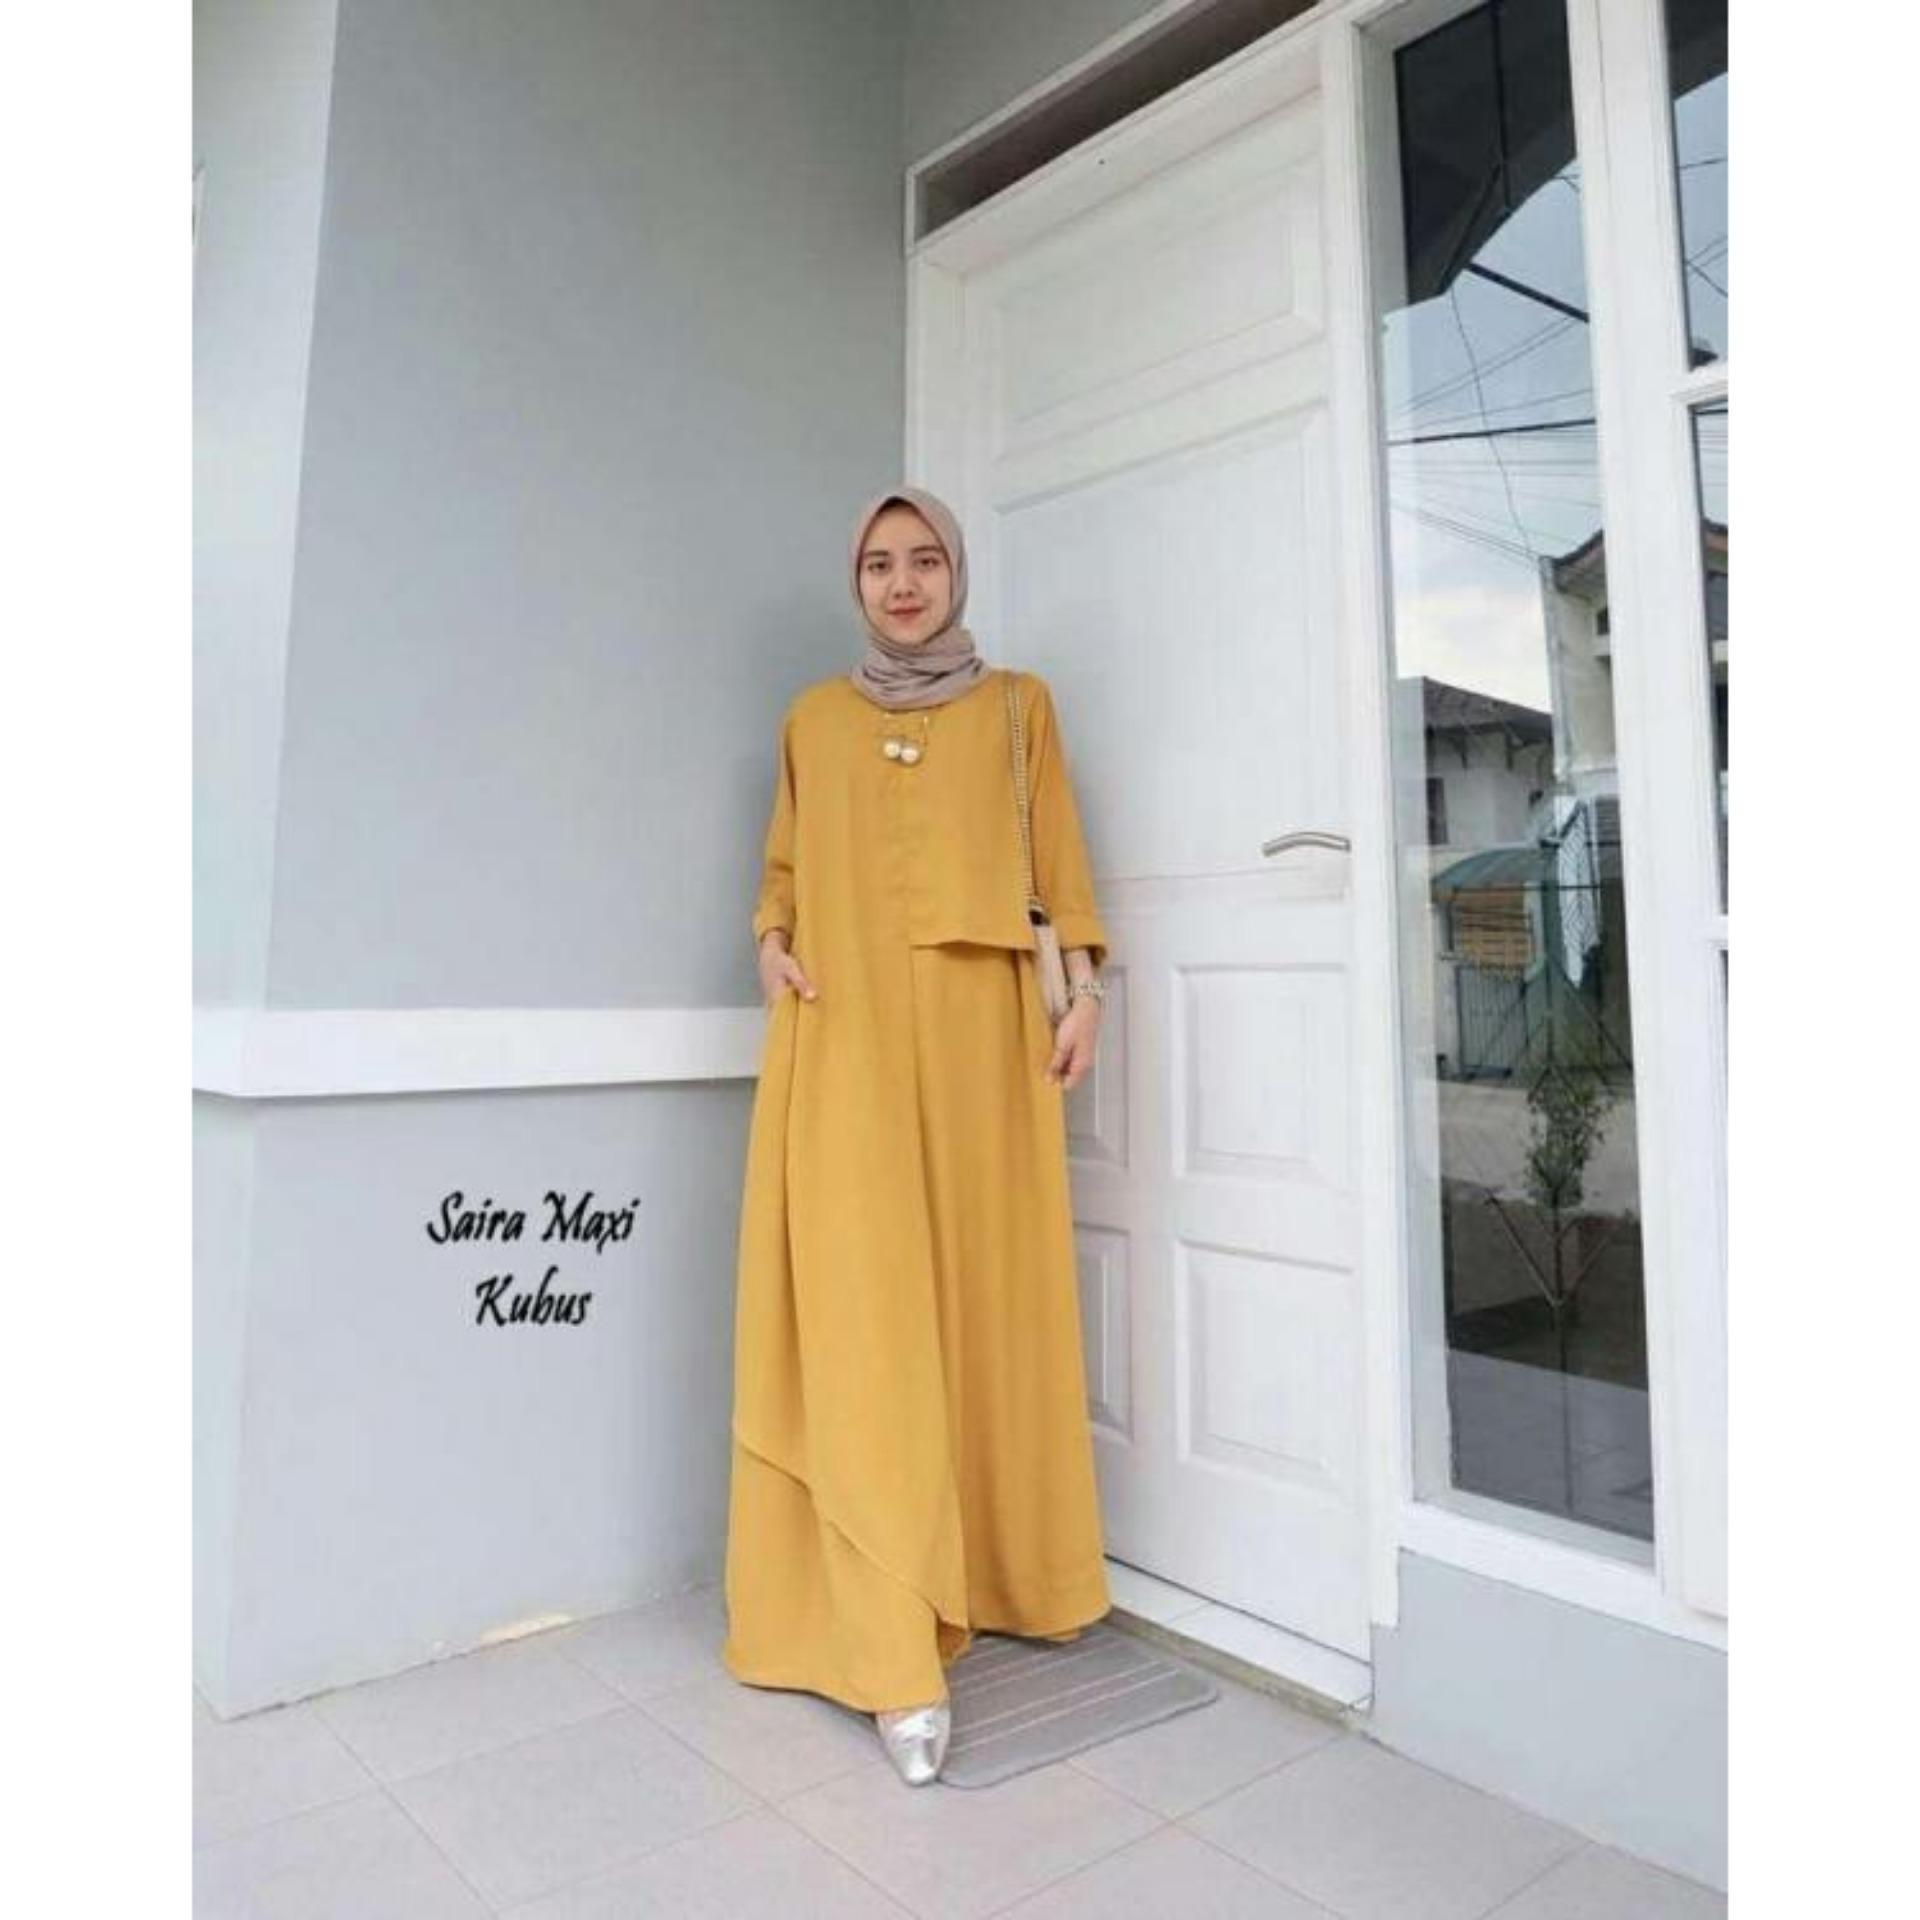 Saira Maxi - Baju Muslim Murah Terbaru 2018 Grosir Pakaian Wanita Busana Pesta Modern Gamis Syari Maxidress Setelan Couple Tunik Atasan Blouse Celana Kulot Rok Khimar Hijab